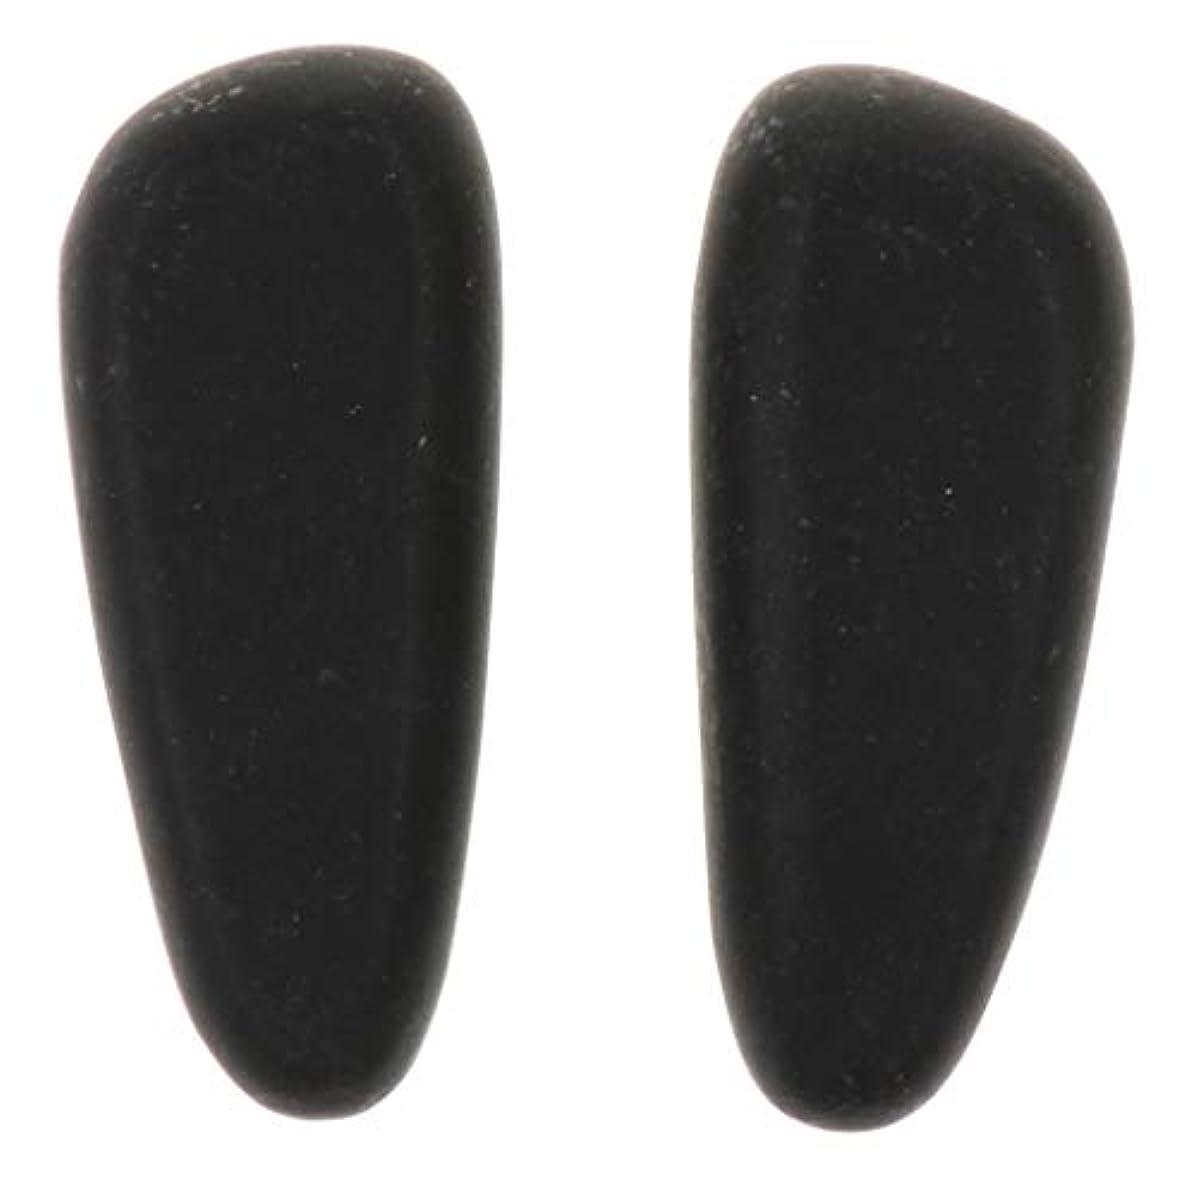 価値スポーツの試合を担当している人夕食を食べる天然石ホットストーン マッサージ用玄武岩 マッサージストーン マッサージ石 ボディマッサージ 2個 全2サイズ - 8×3.2×2cm